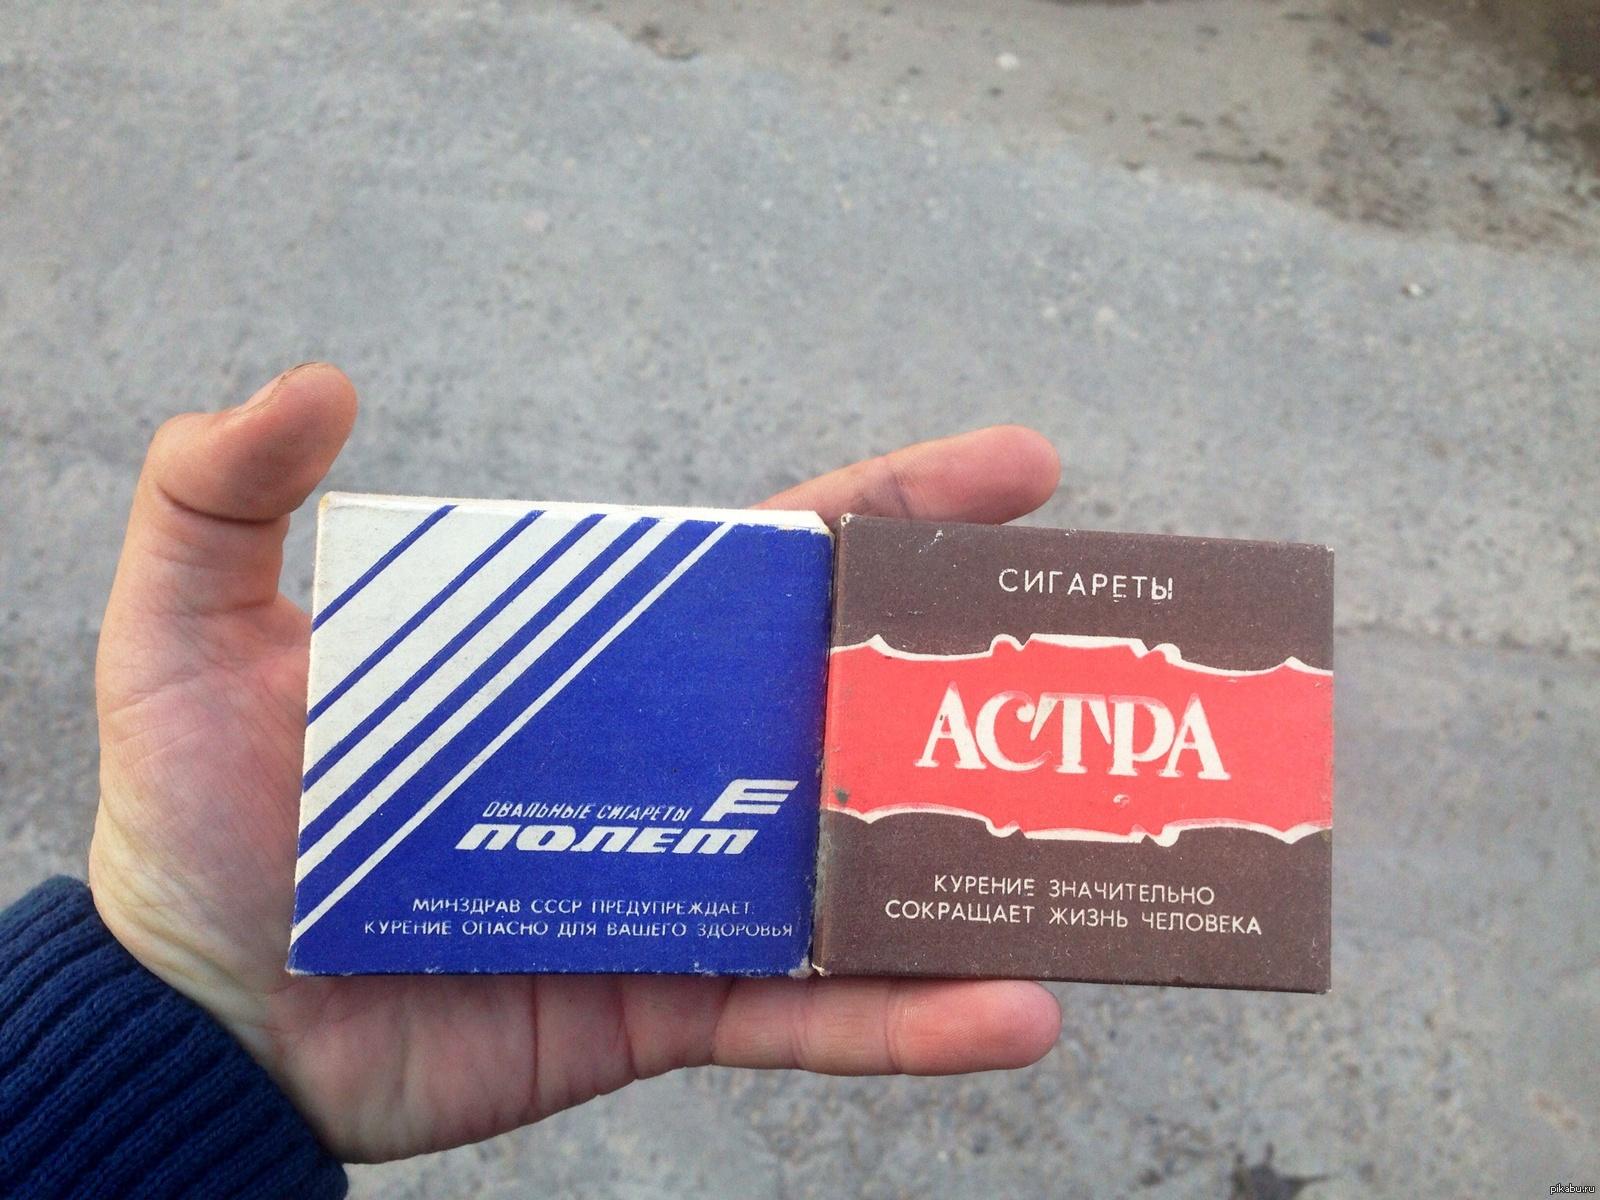 Купить советские сигареты и папиросы болгарские сигареты купить в новосибирске